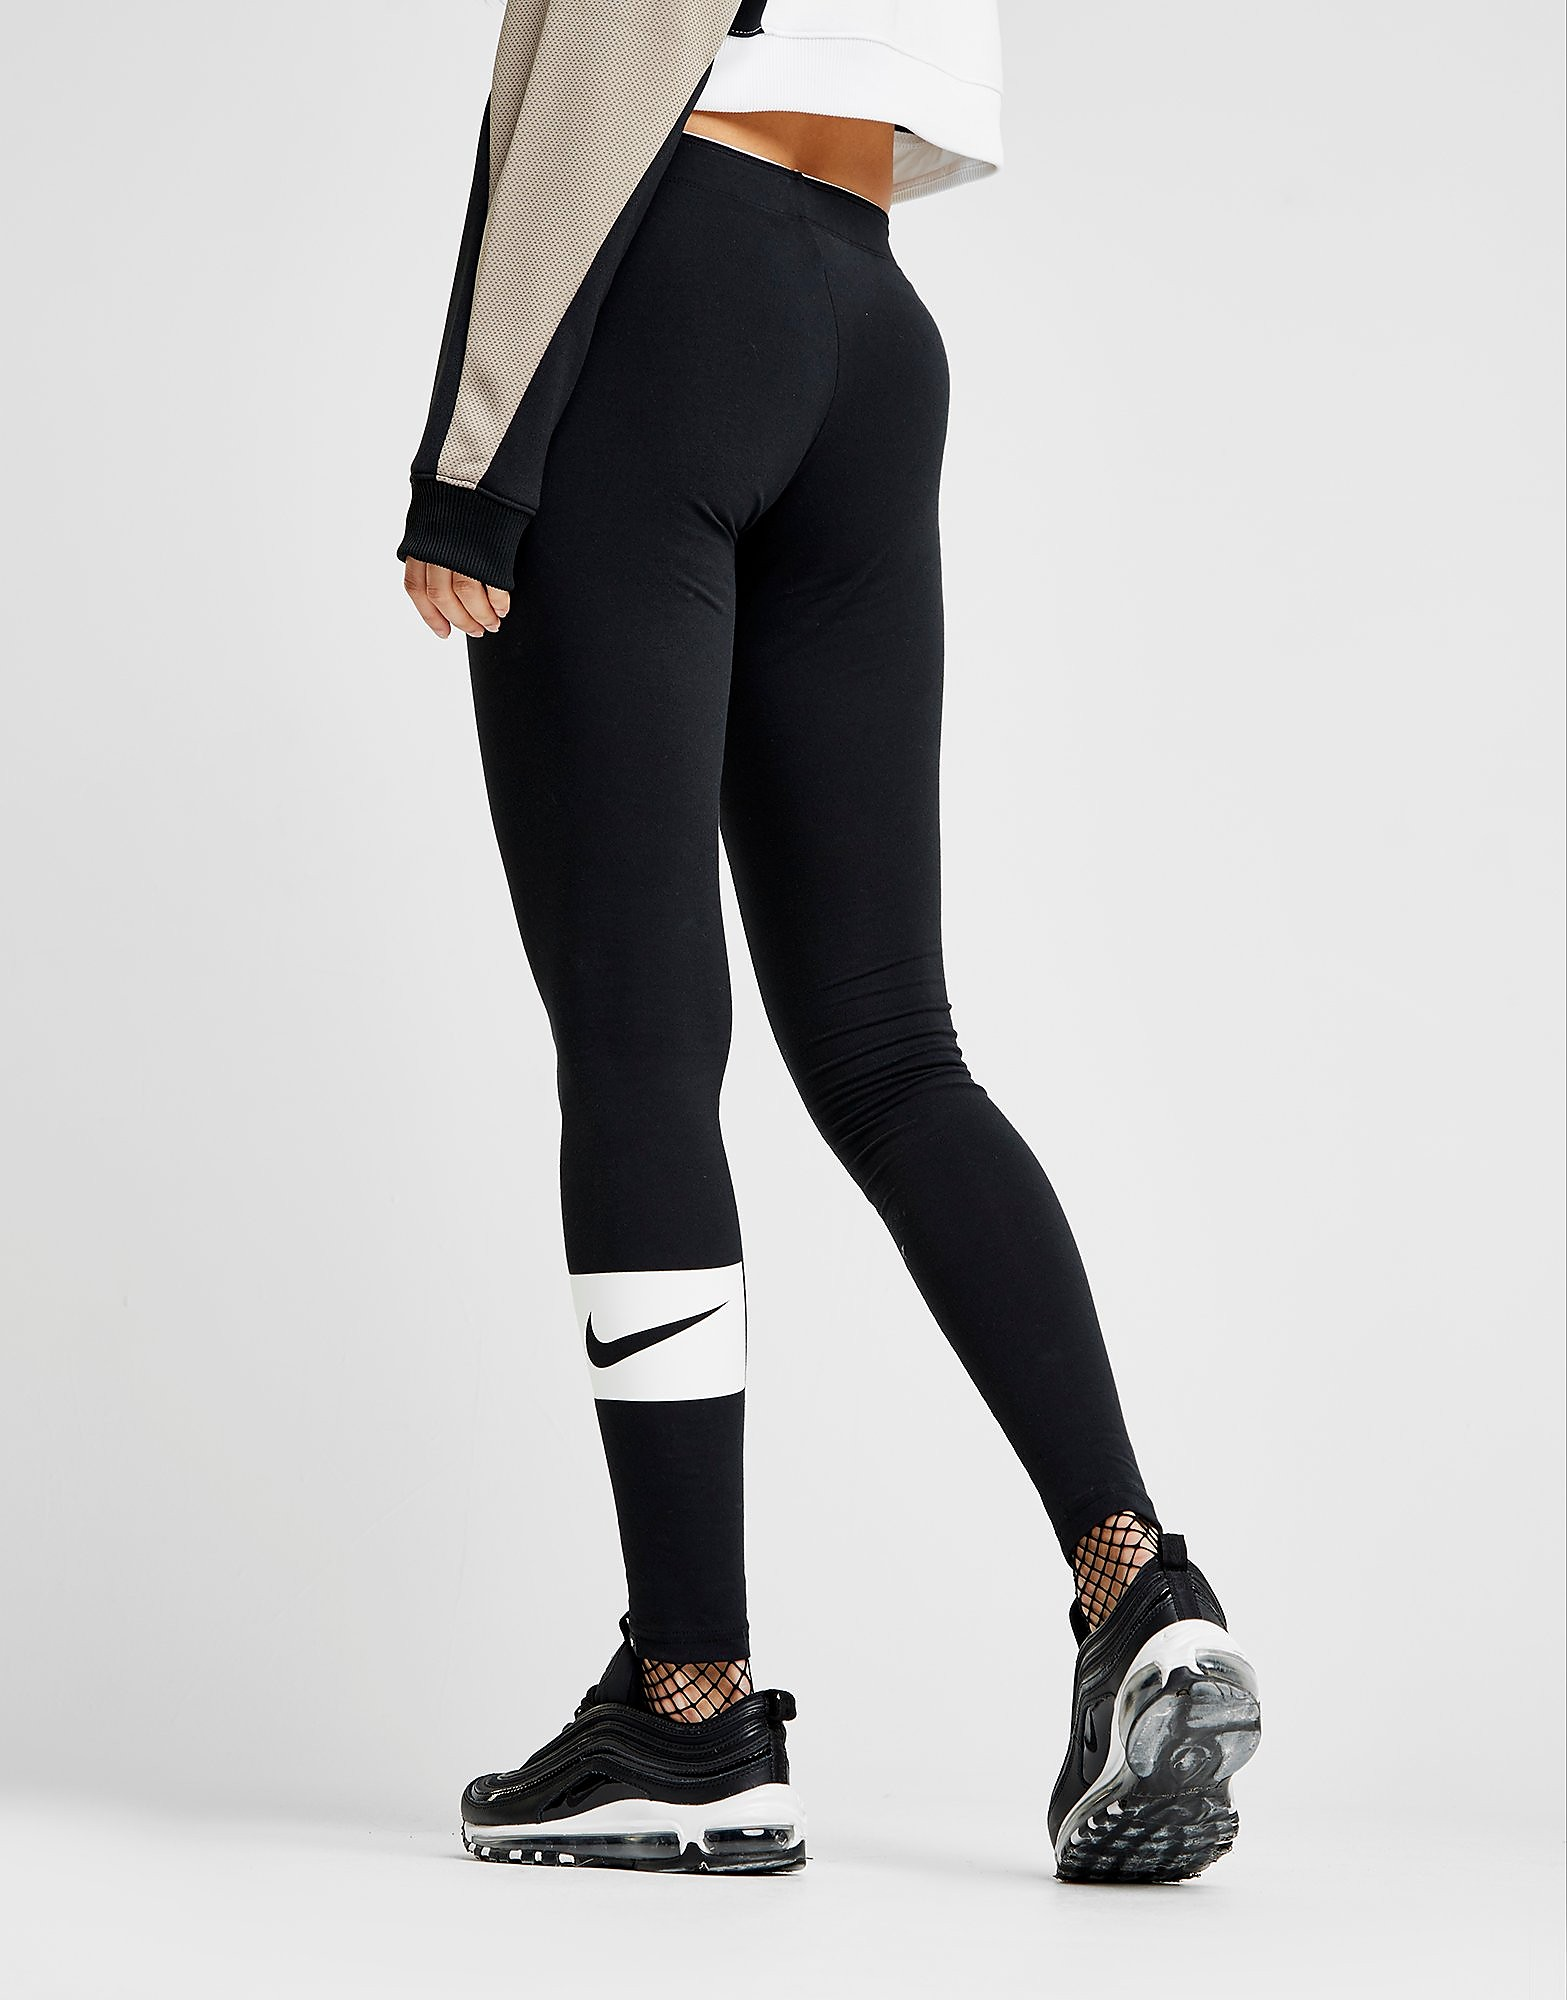 Nike leggings Swoosh Box